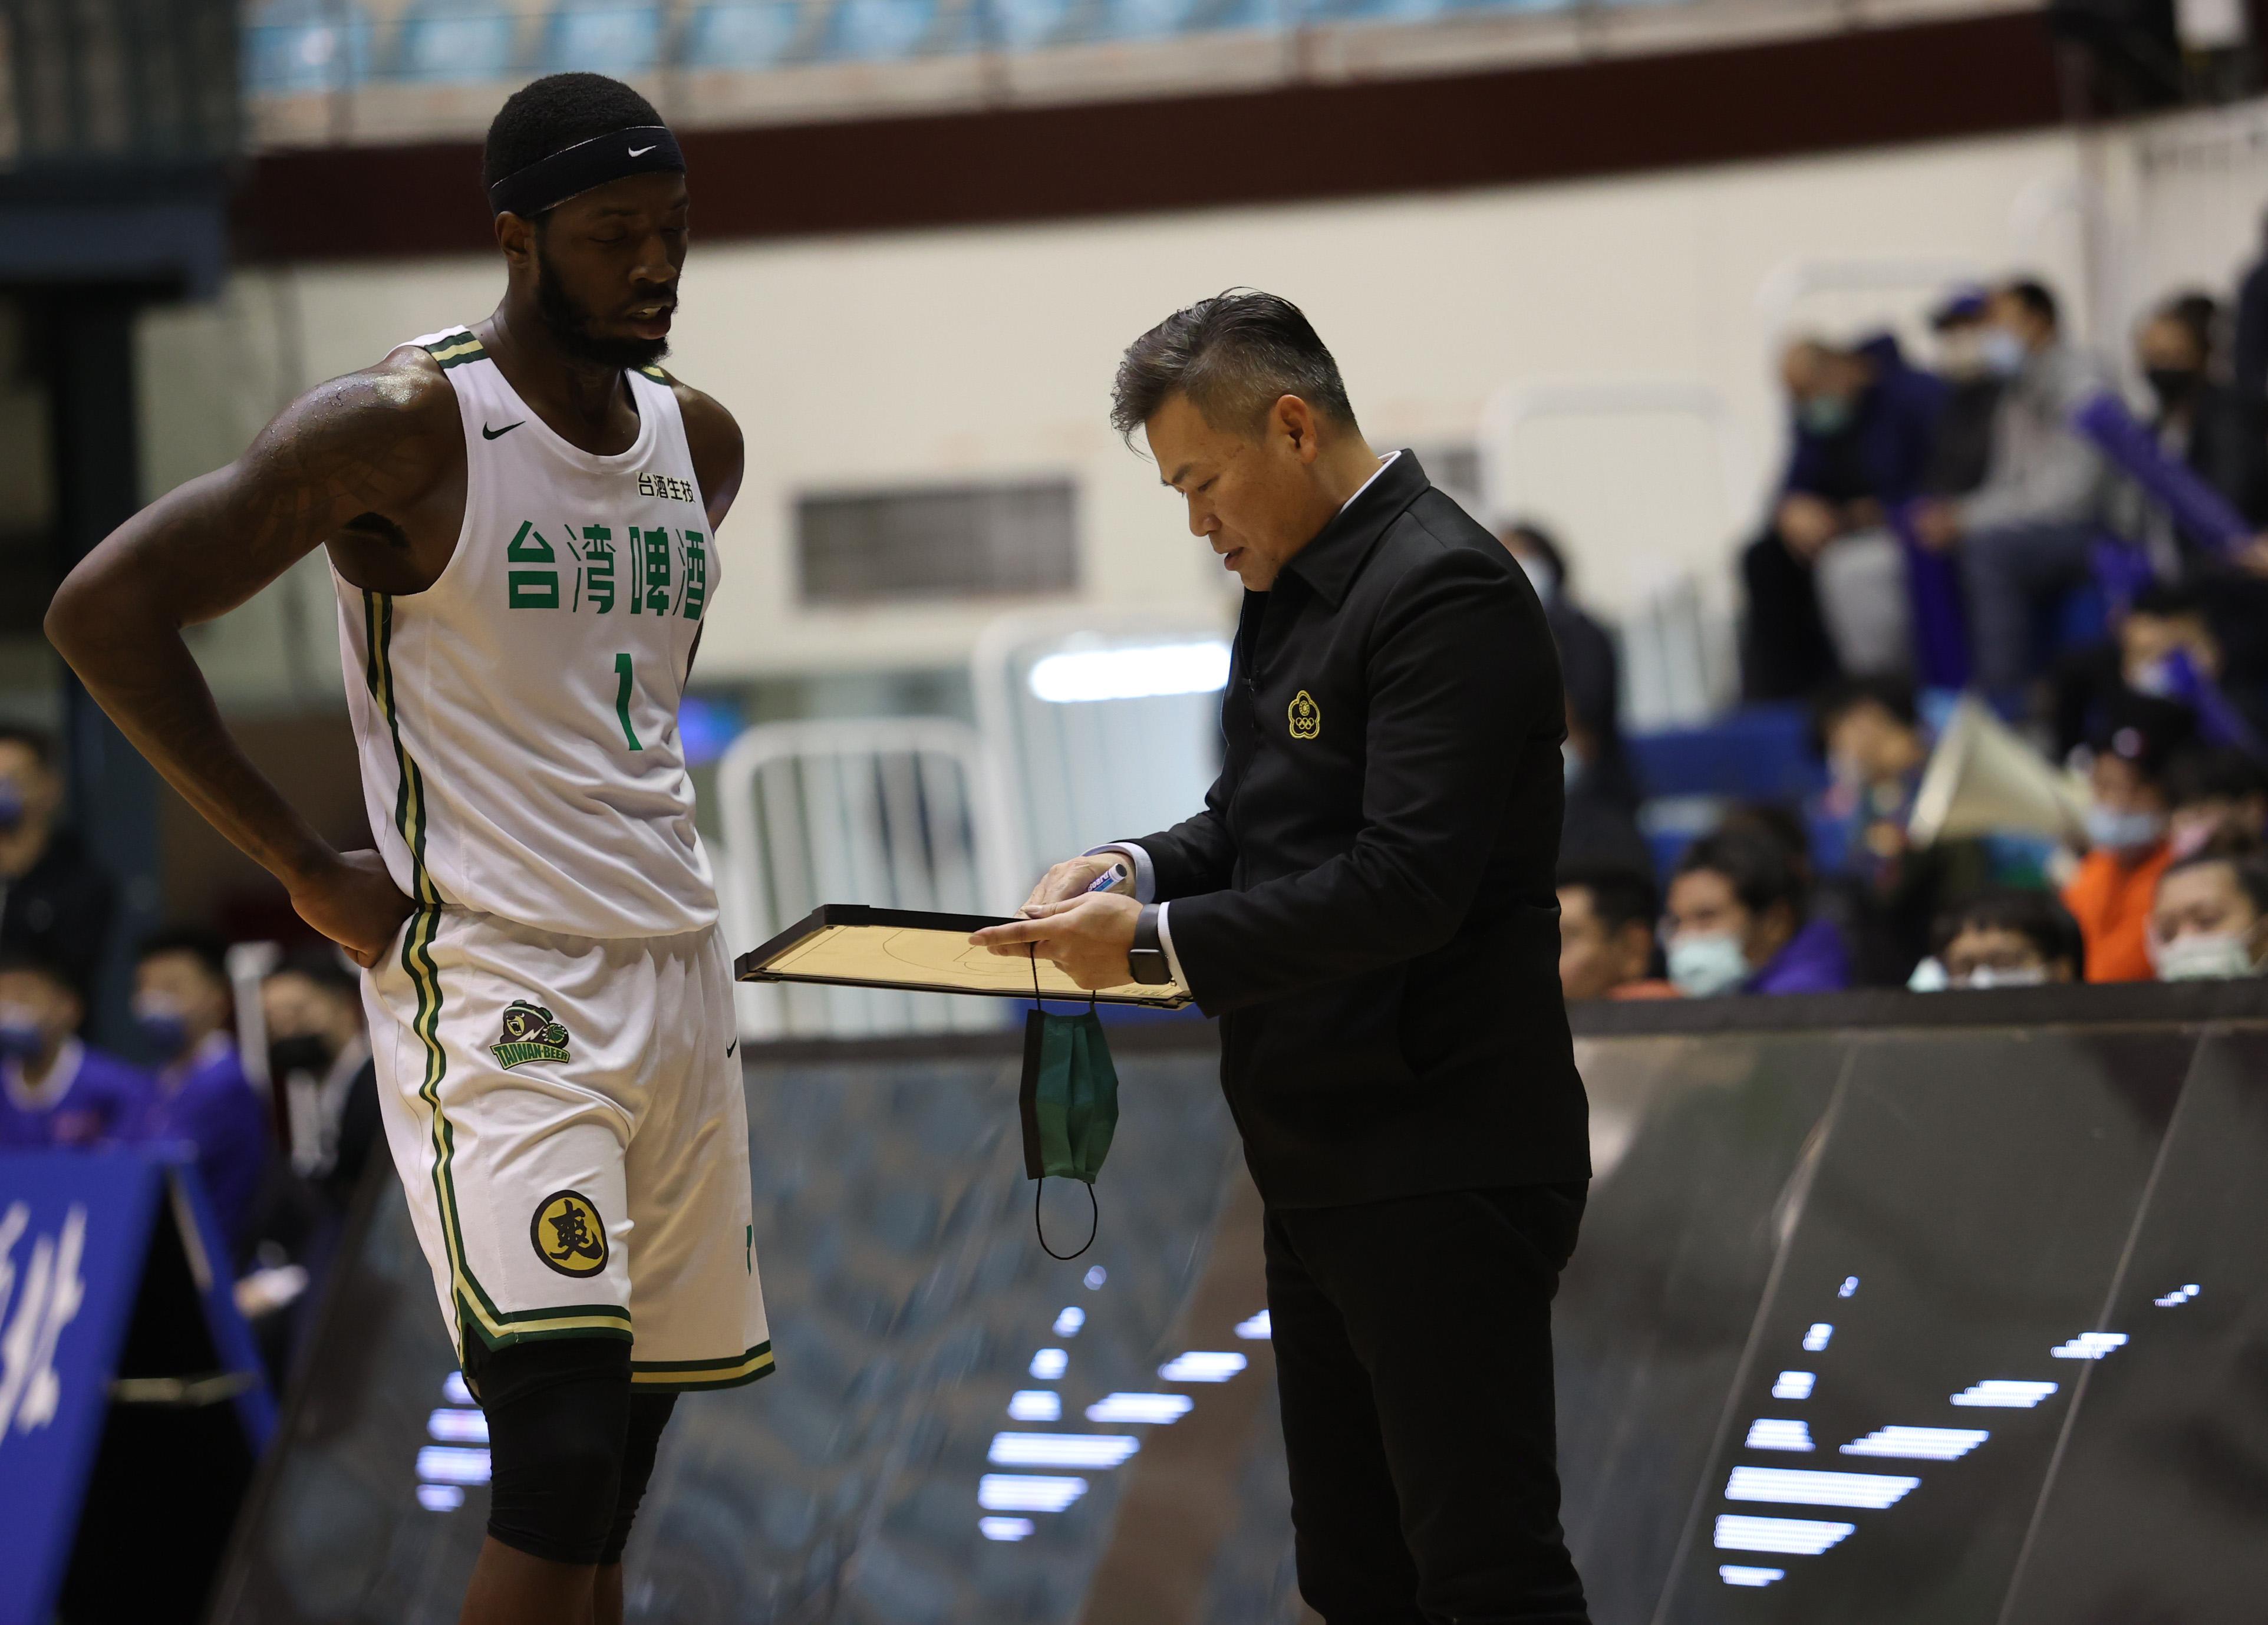 台灣職籃,歷史是最好鏡子